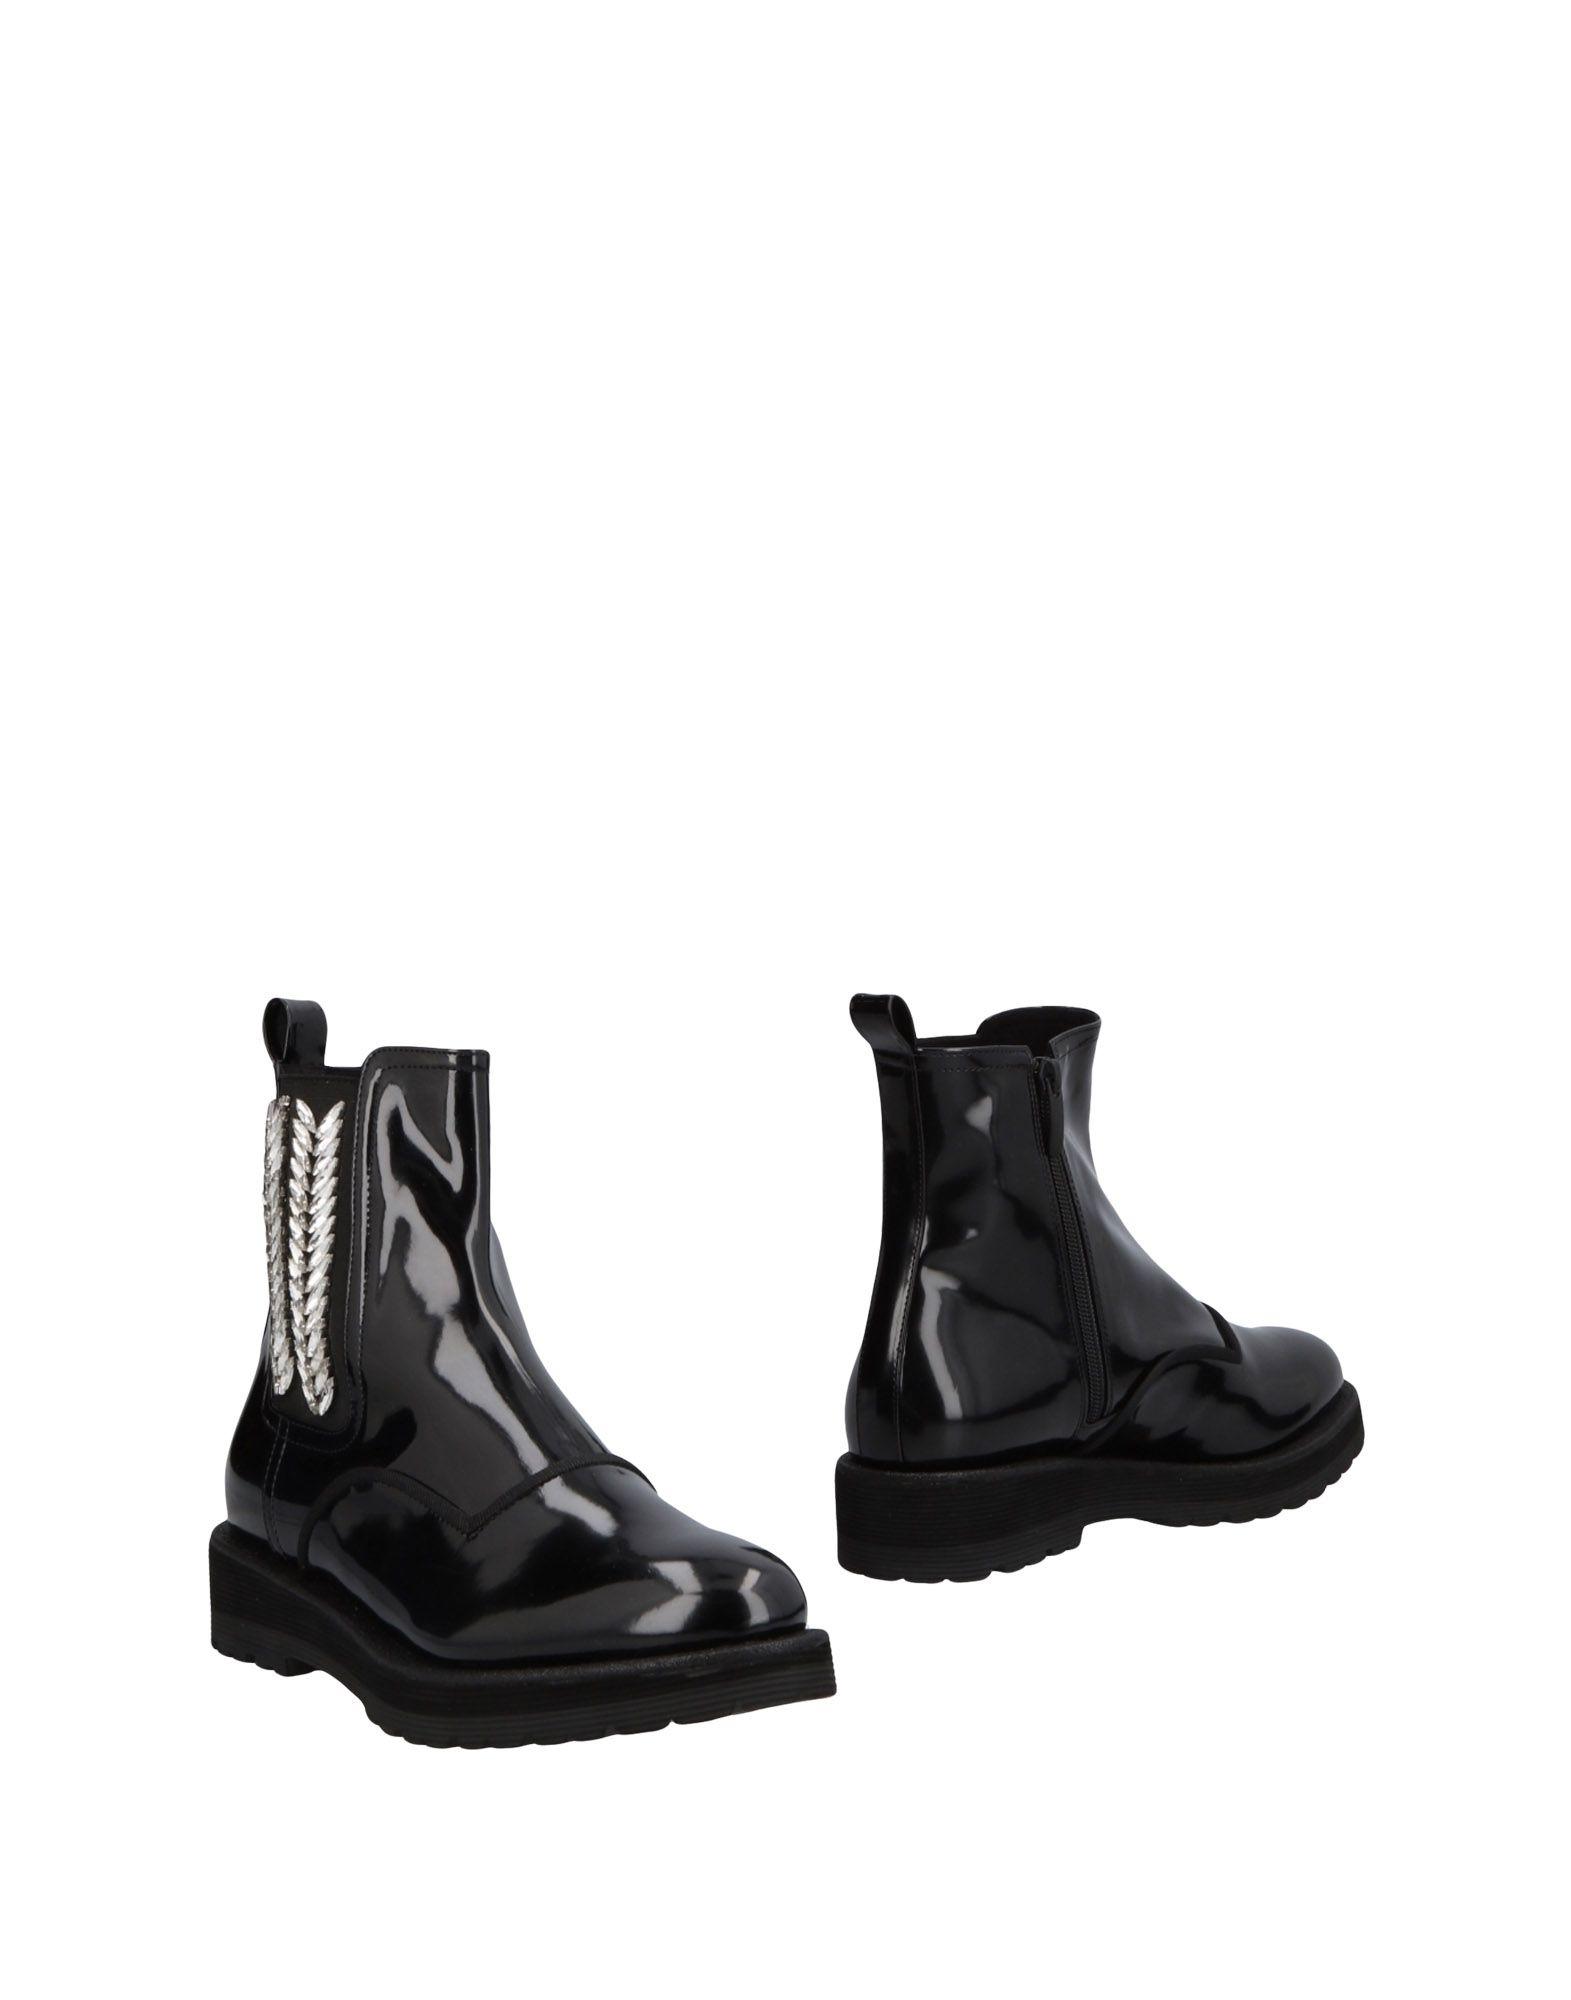 Suecomma Bonnie Stiefelette Damen  11482561MEGut aussehende strapazierfähige Schuhe